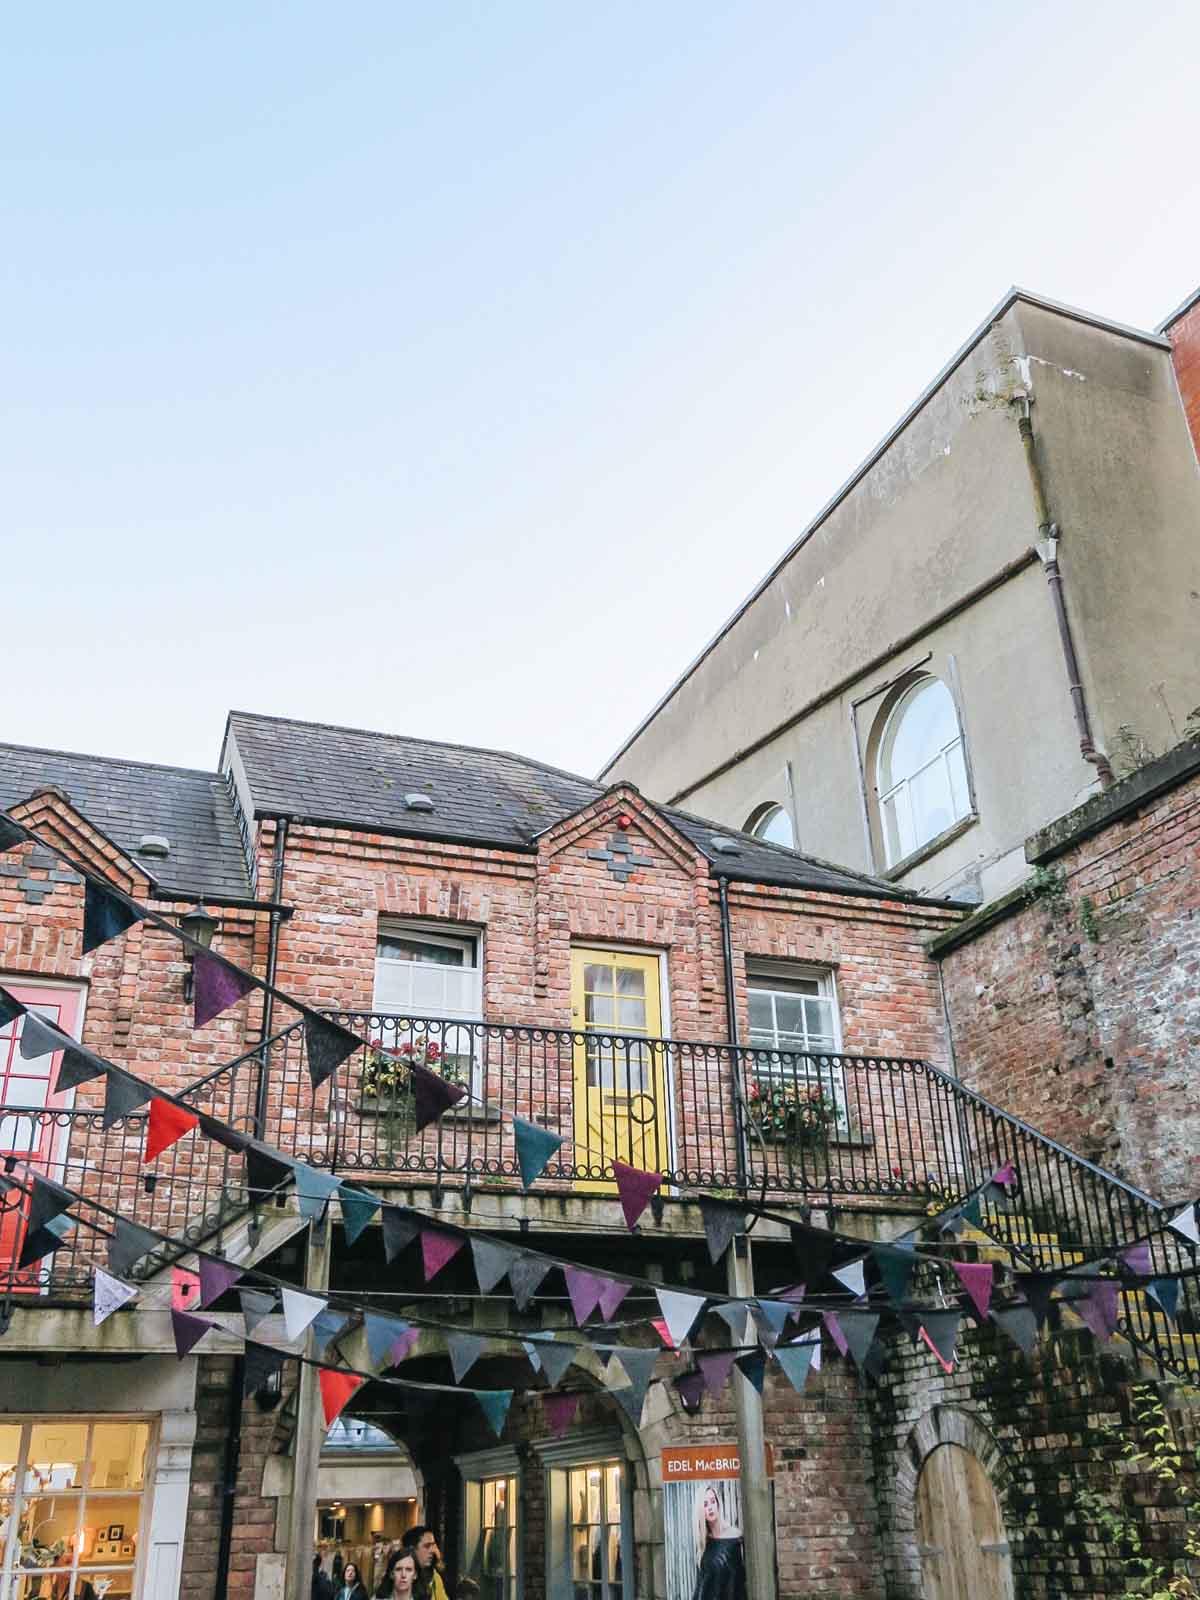 Stedentrip Derry-Londonderry: bezienswaardigheden en tips, Craft Village